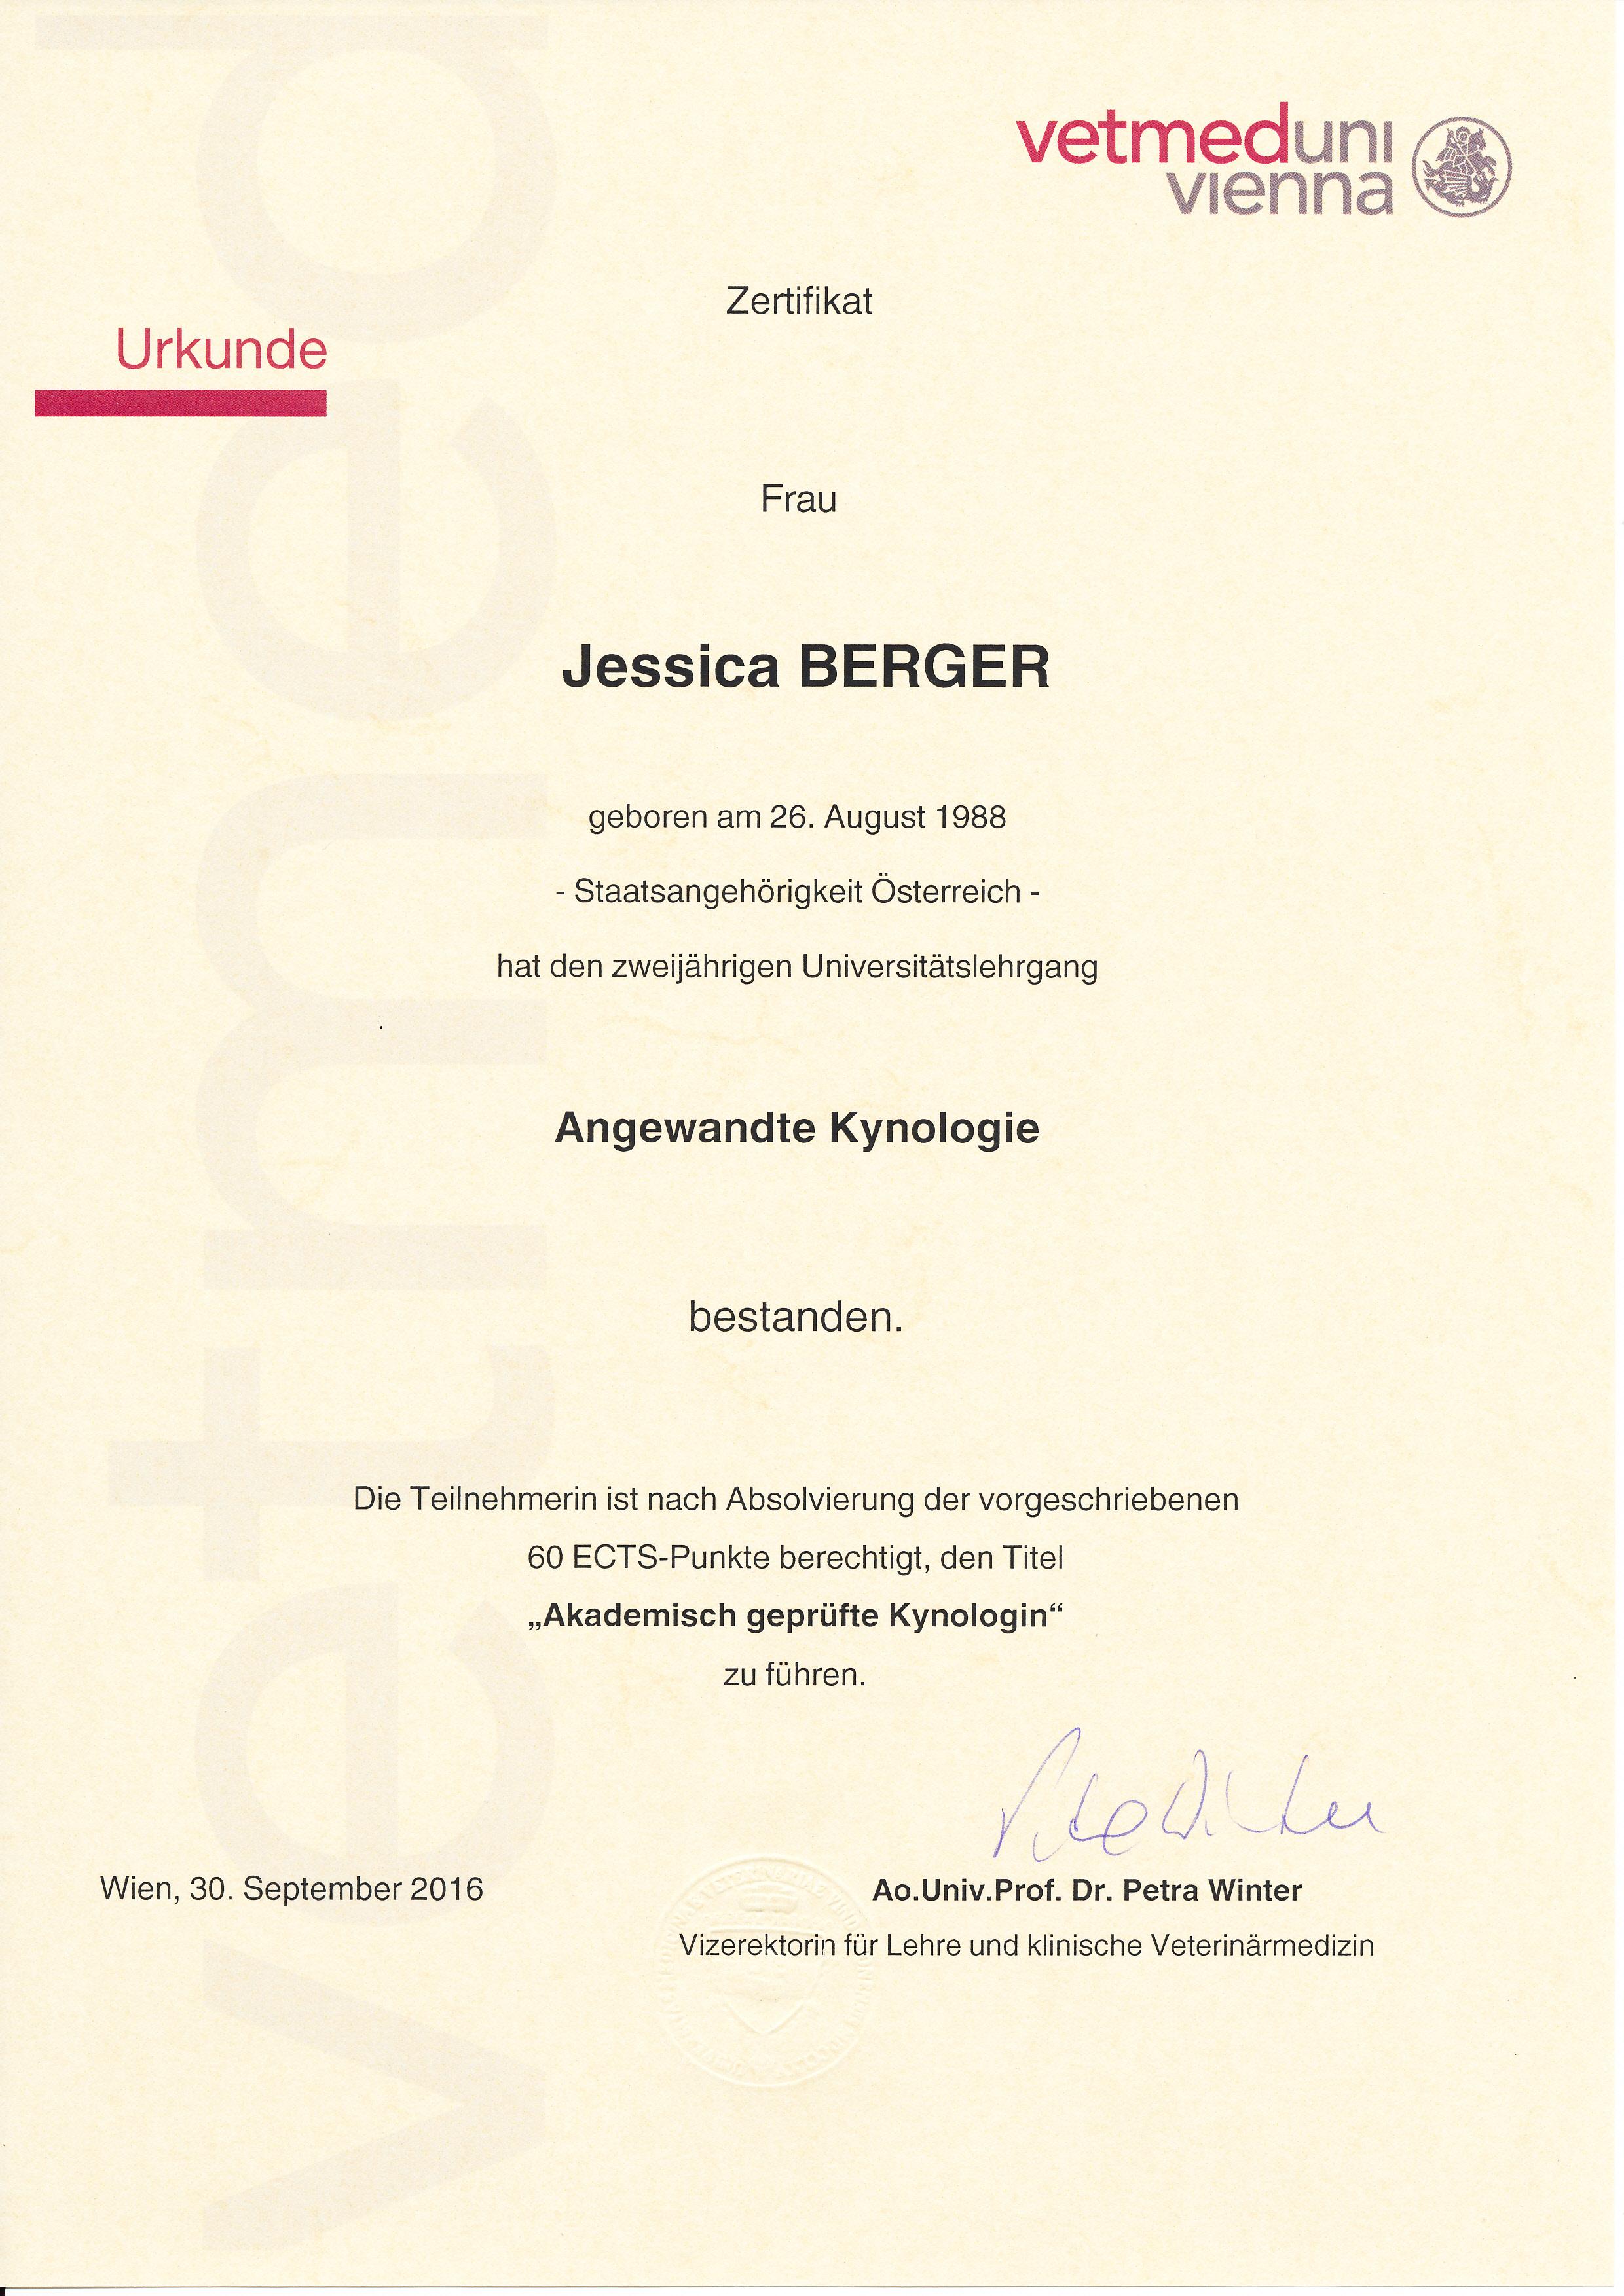 ULG Angewandte Kynologie